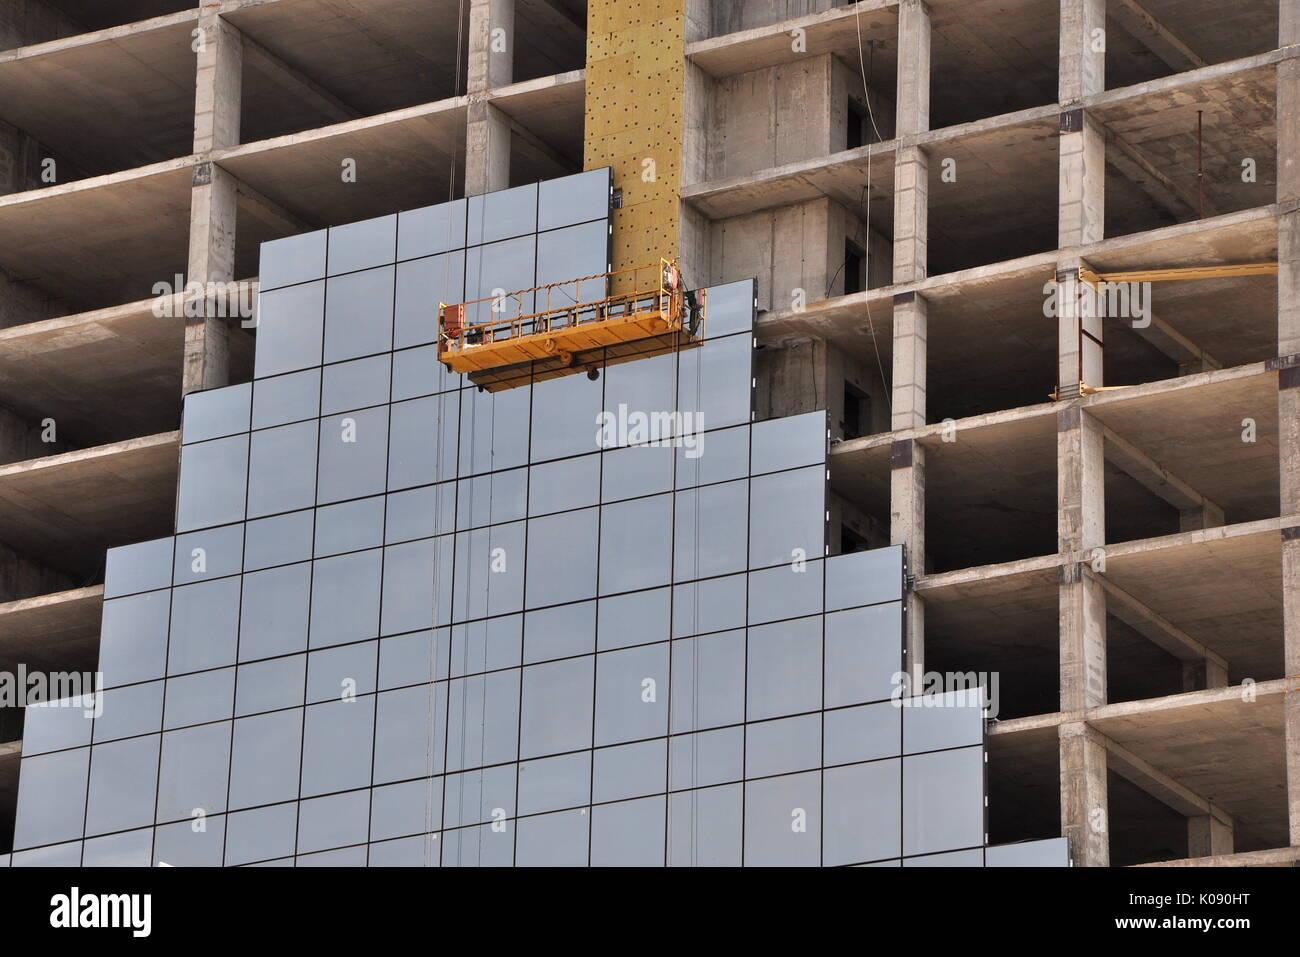 Facciata di un grattacielo framework in costruzione con una fase